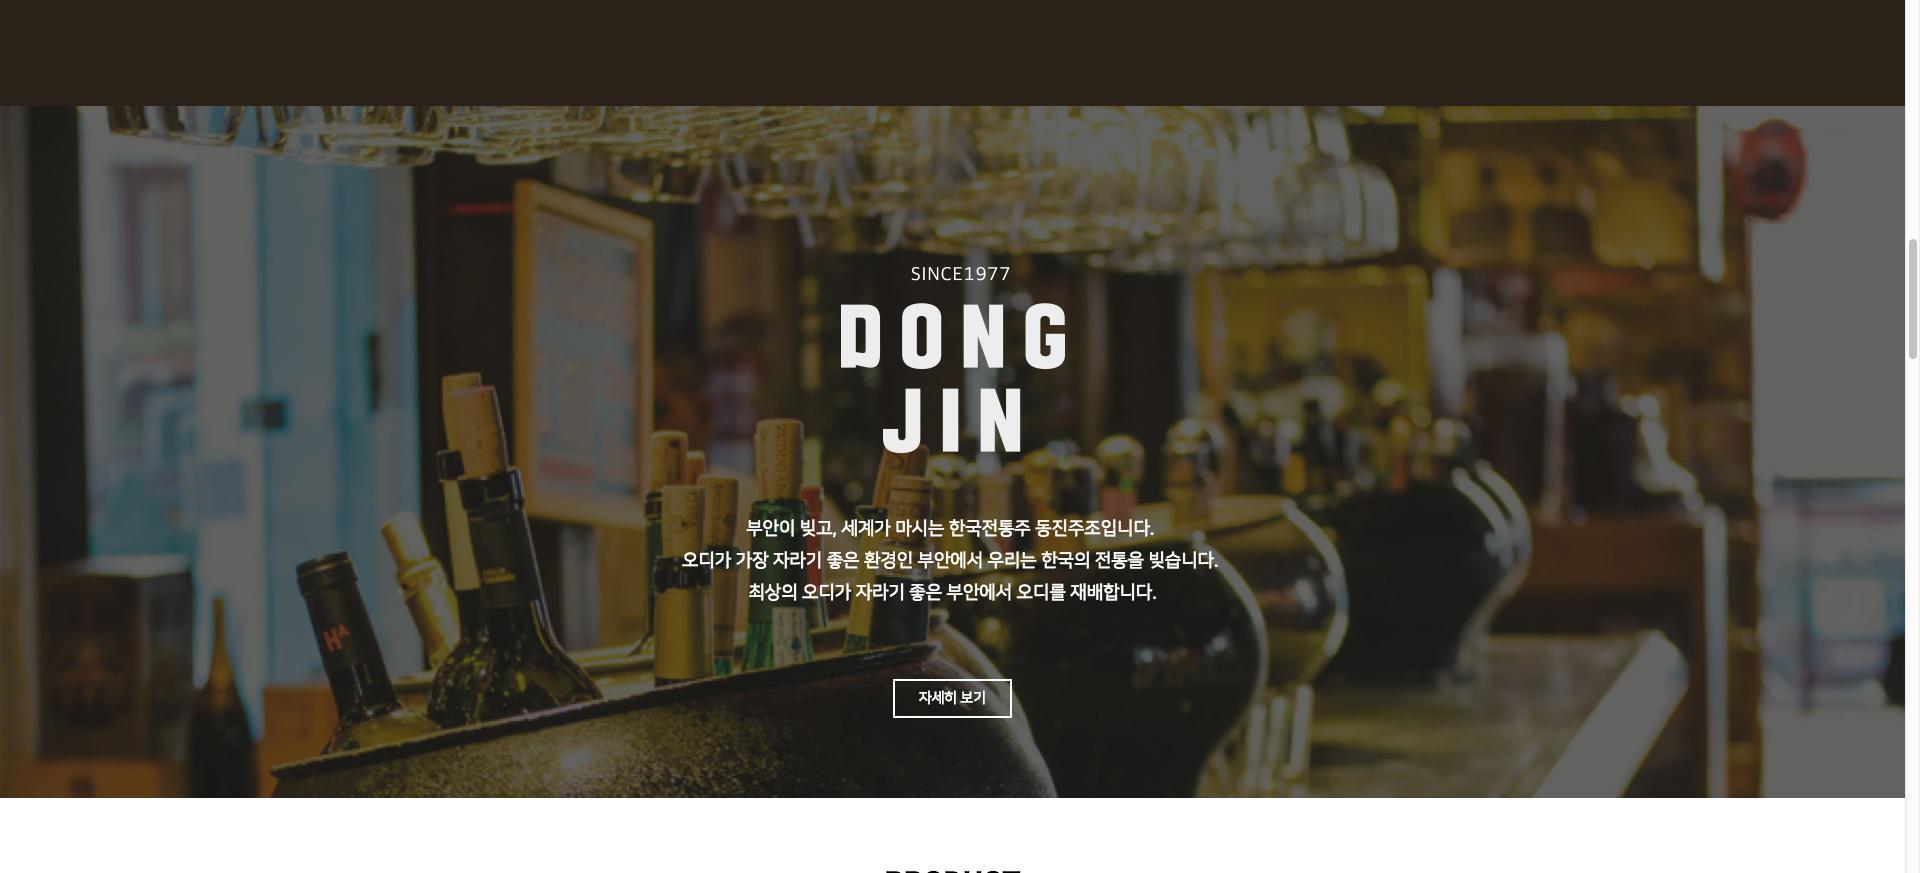 dongjin (2)